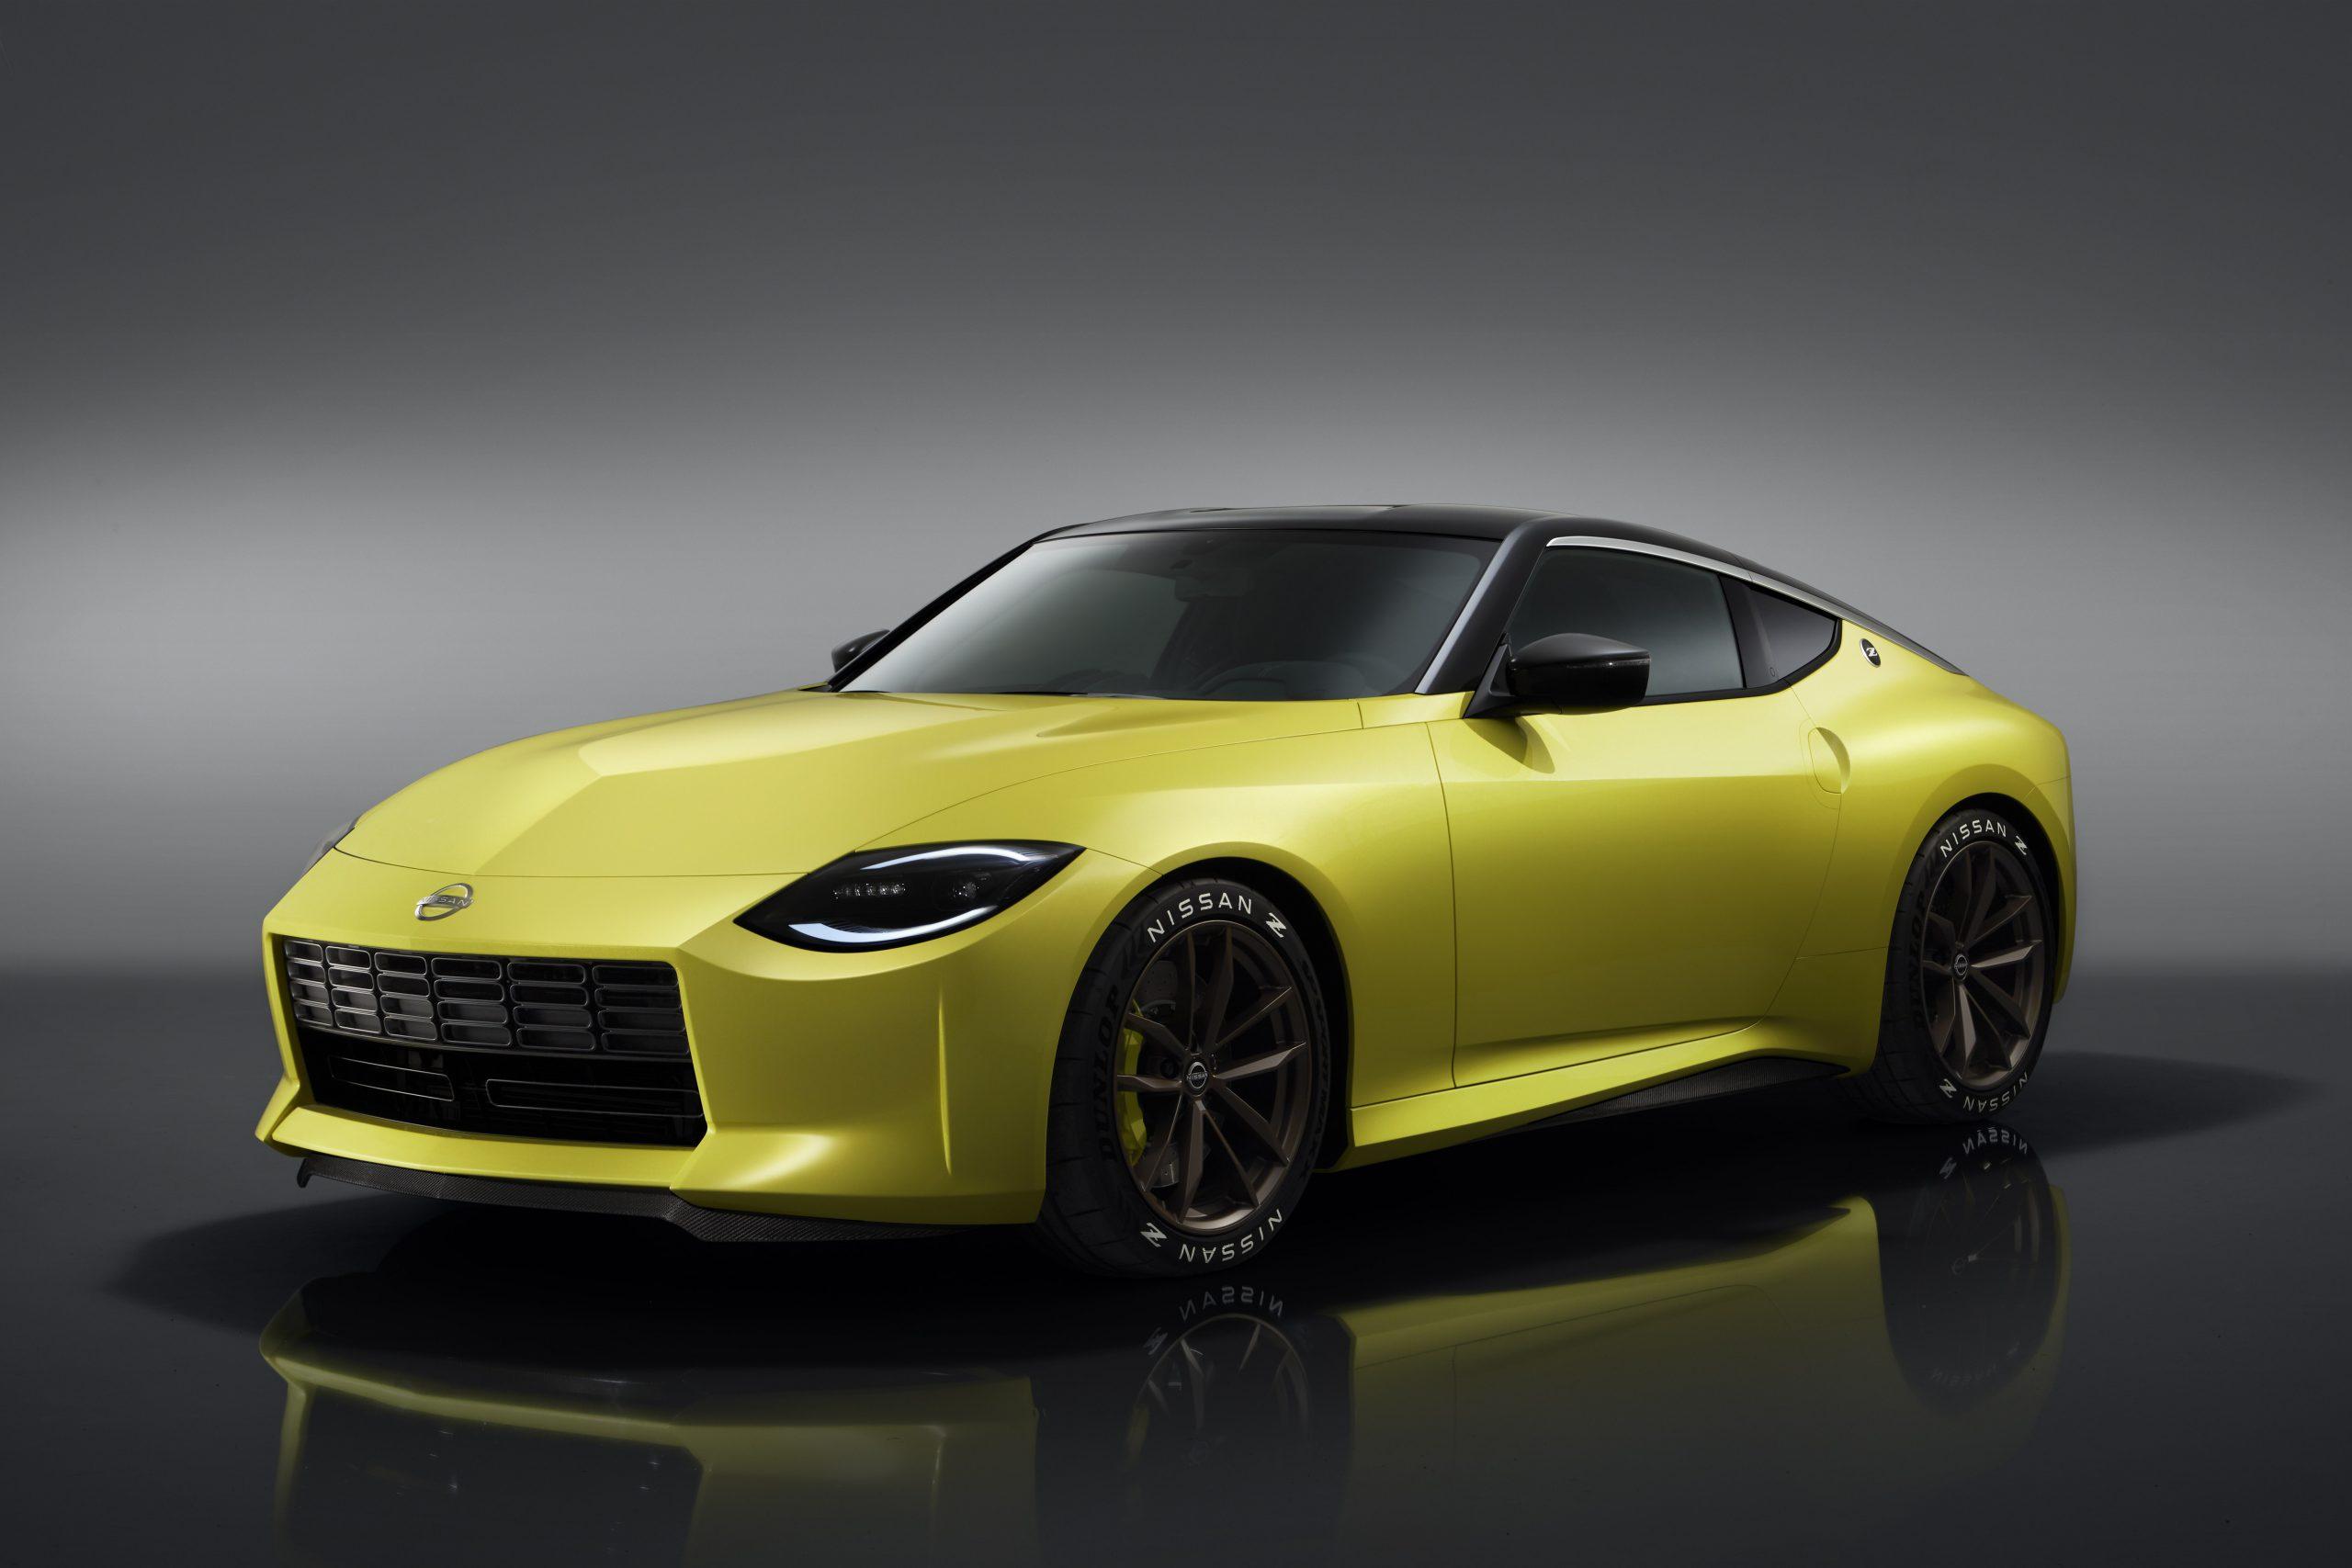 V6ツインターボに6速MT。スペックだけでも期待大『次期フェアレディZのプロトモデル発表』